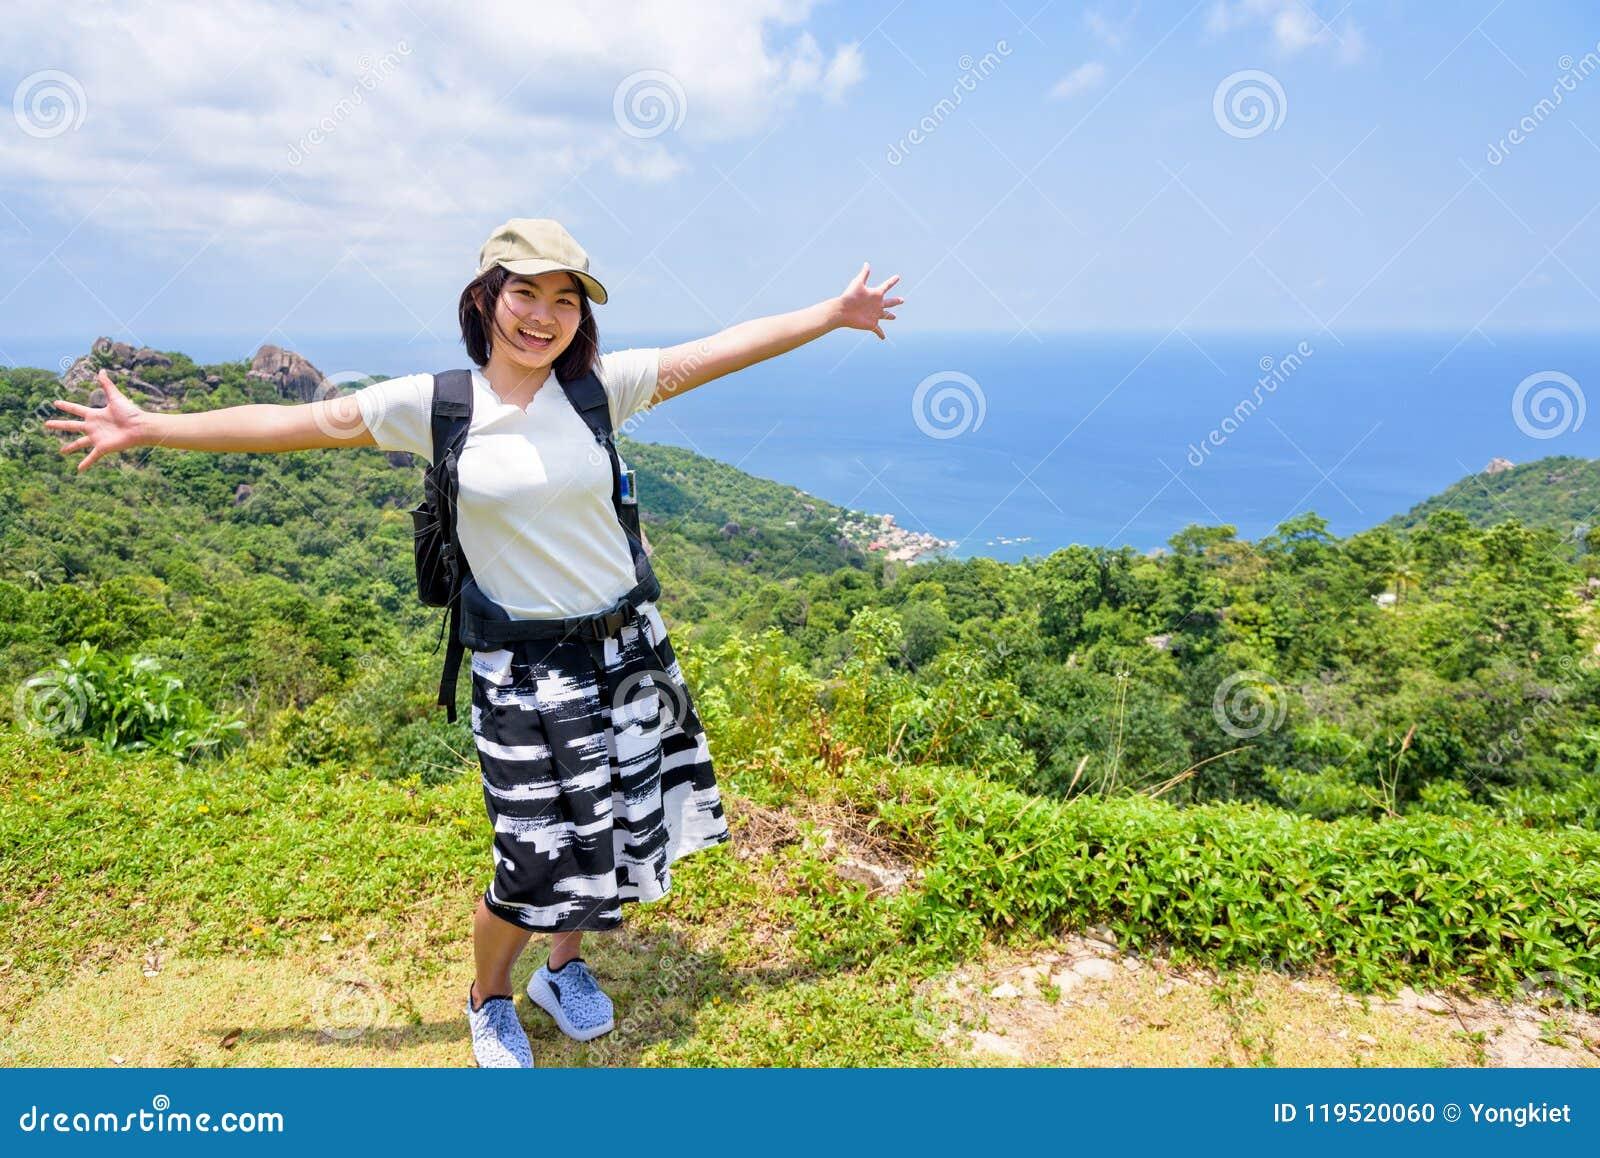 Donne turistiche sul punto di vista a Koh Tao